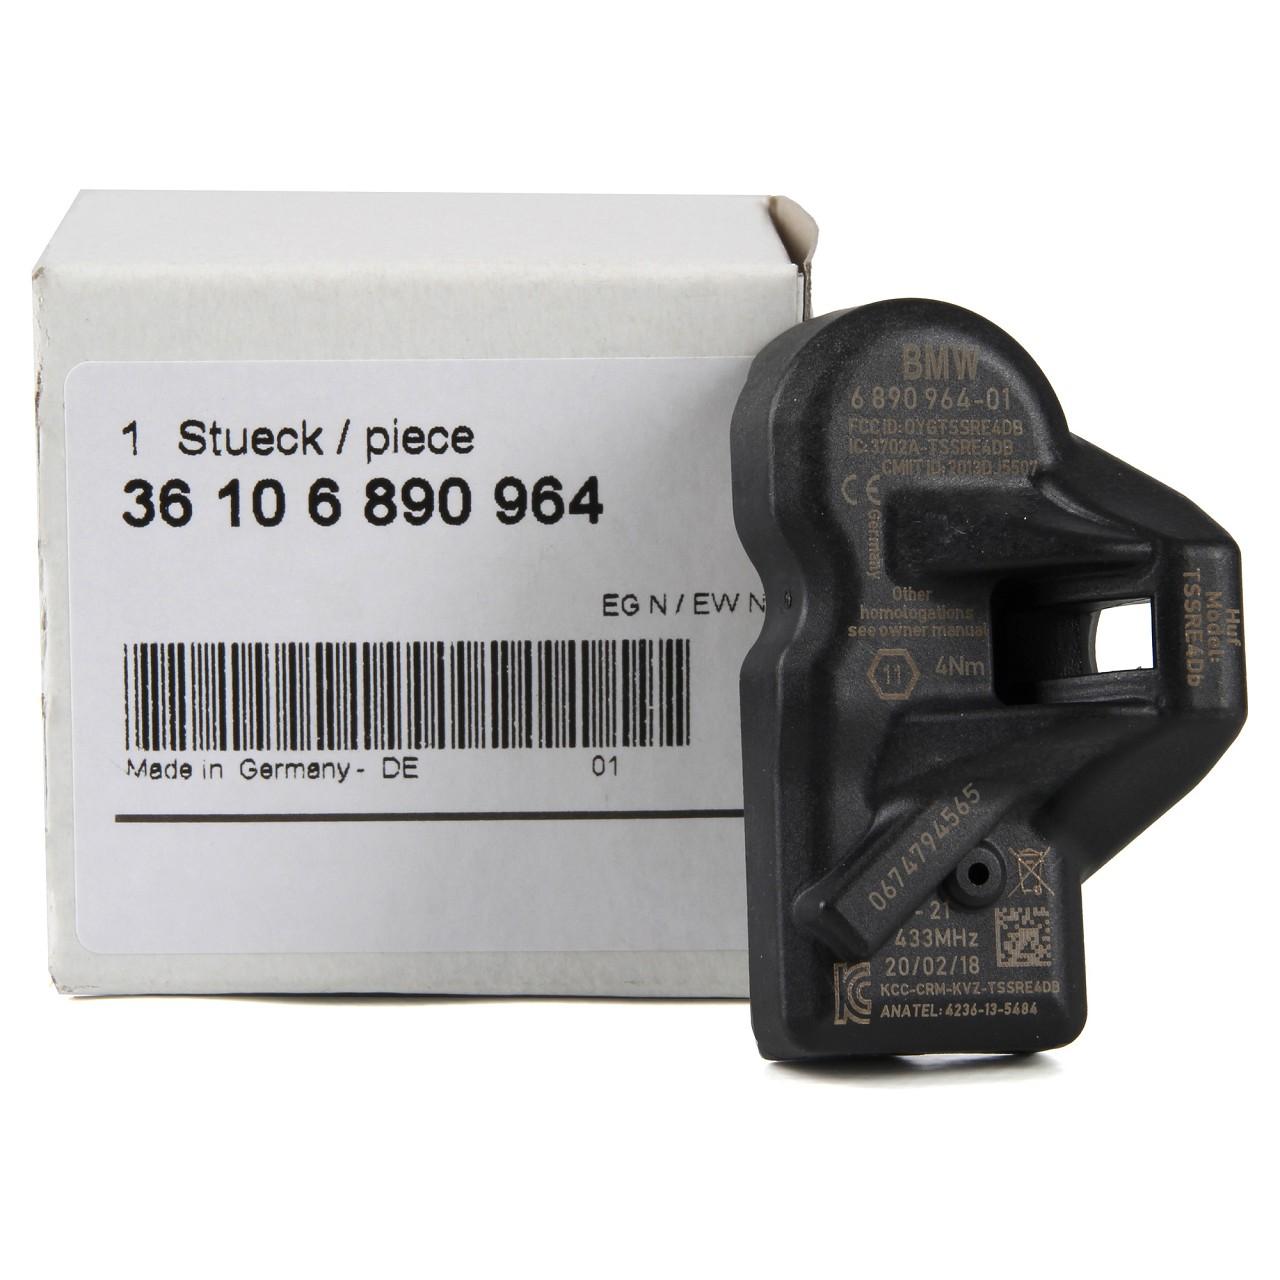 ORIGINAL BMW Mini RDKS Reifendrucksensor 36106890964 für 5er 6er 7er X1 R60 R57